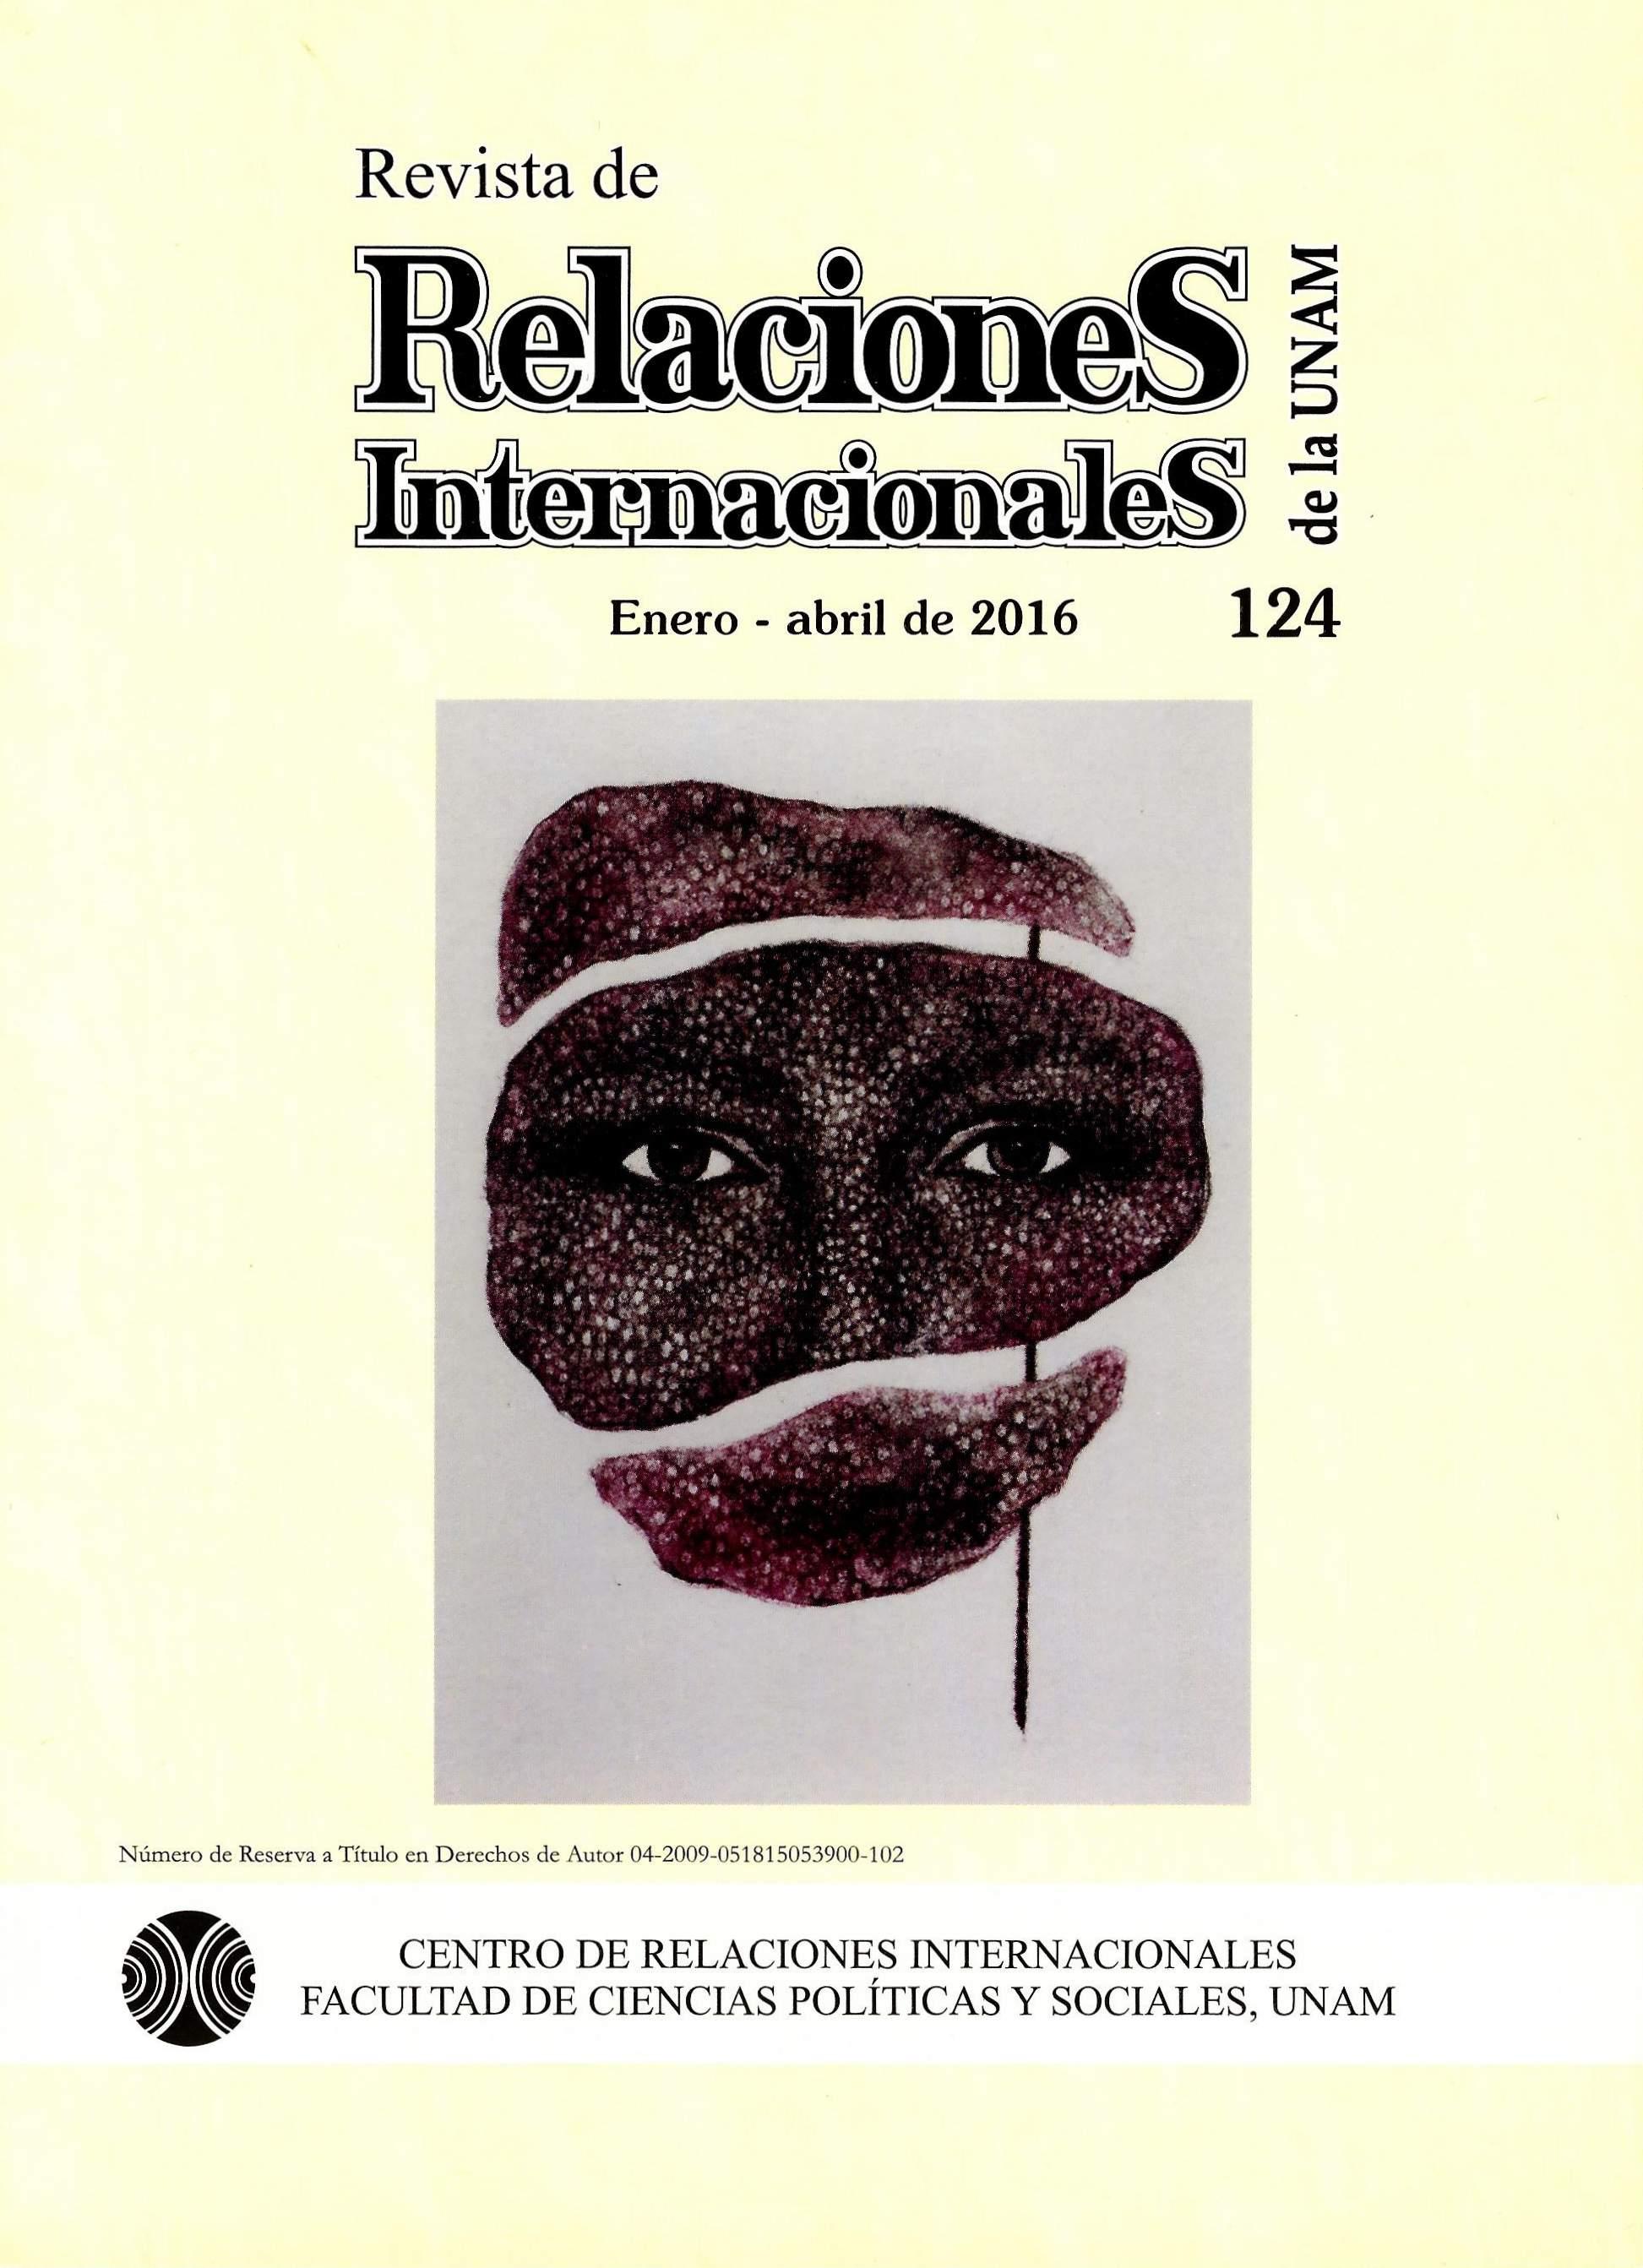 Revista de relaciones internacionales de la UNAM, 124, enero-abril de 2016